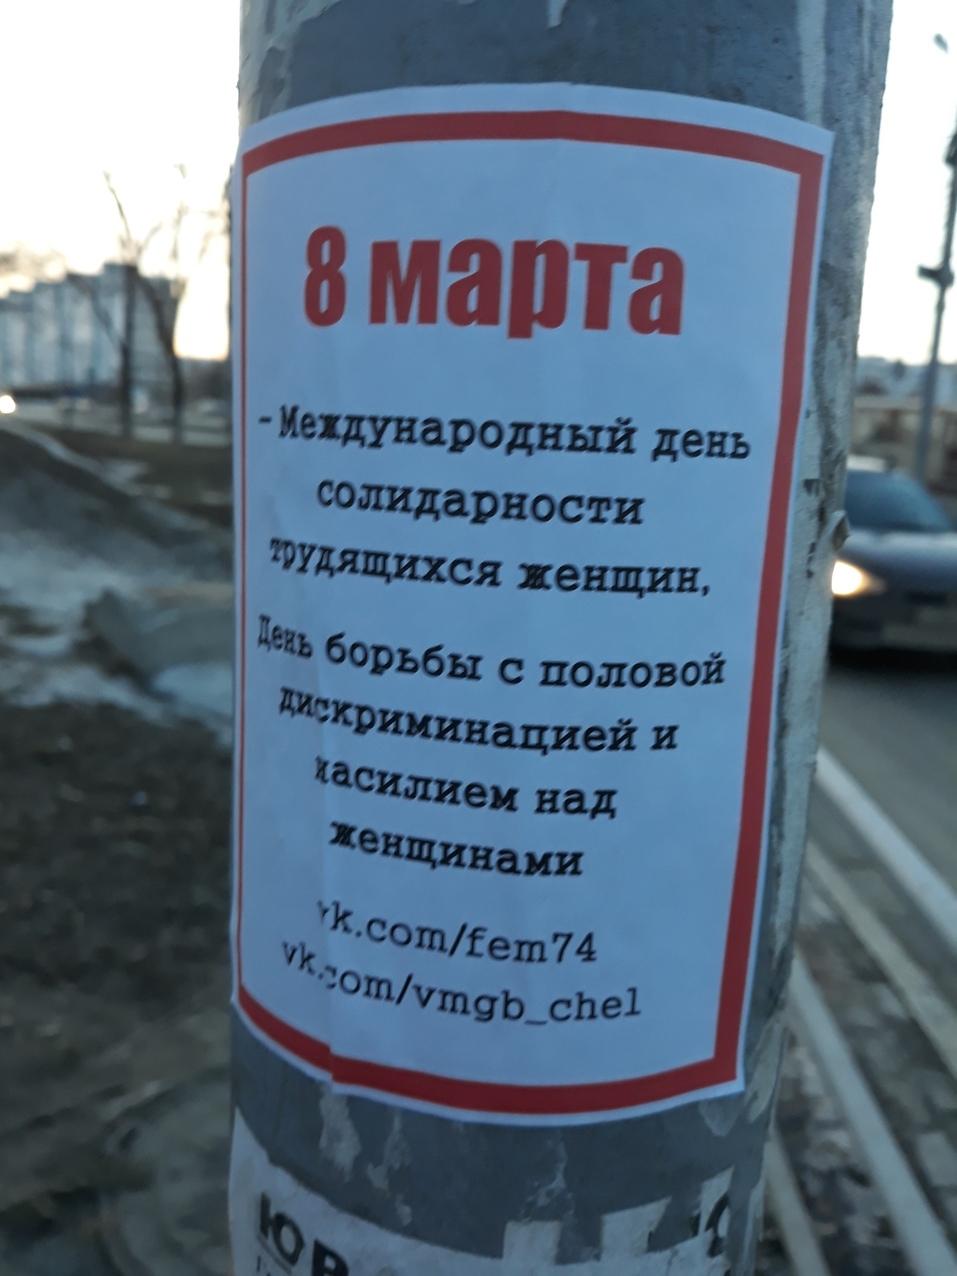 Челябинские феминистки проведут митинг за освобождение женщин 8 марта 2